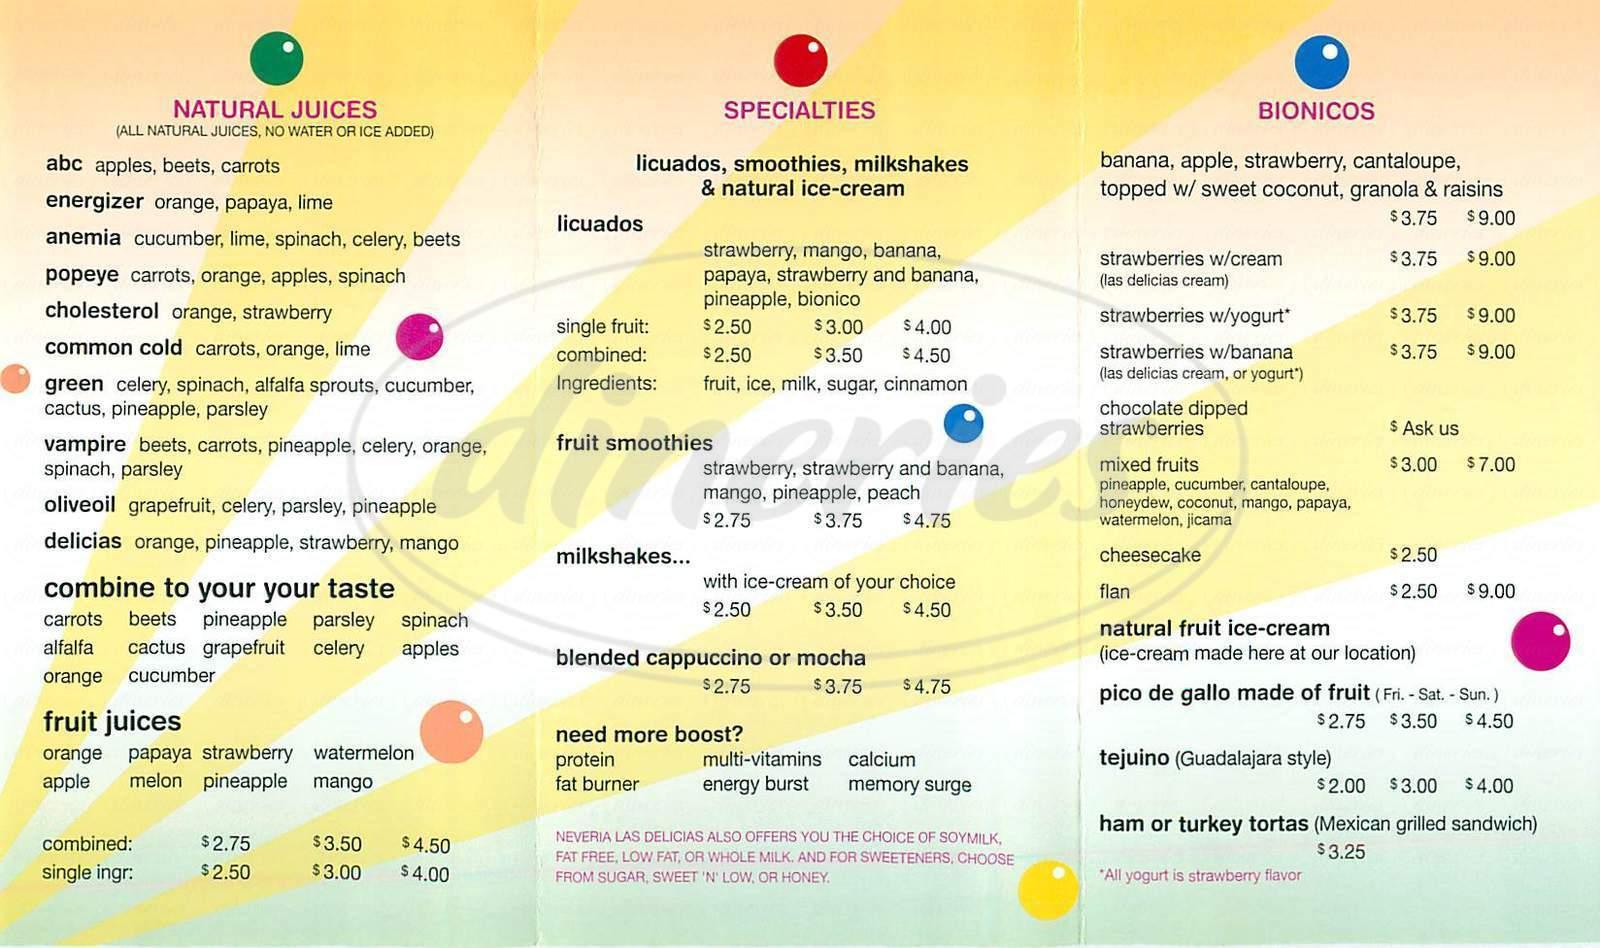 menu for Neveria Las Delicias